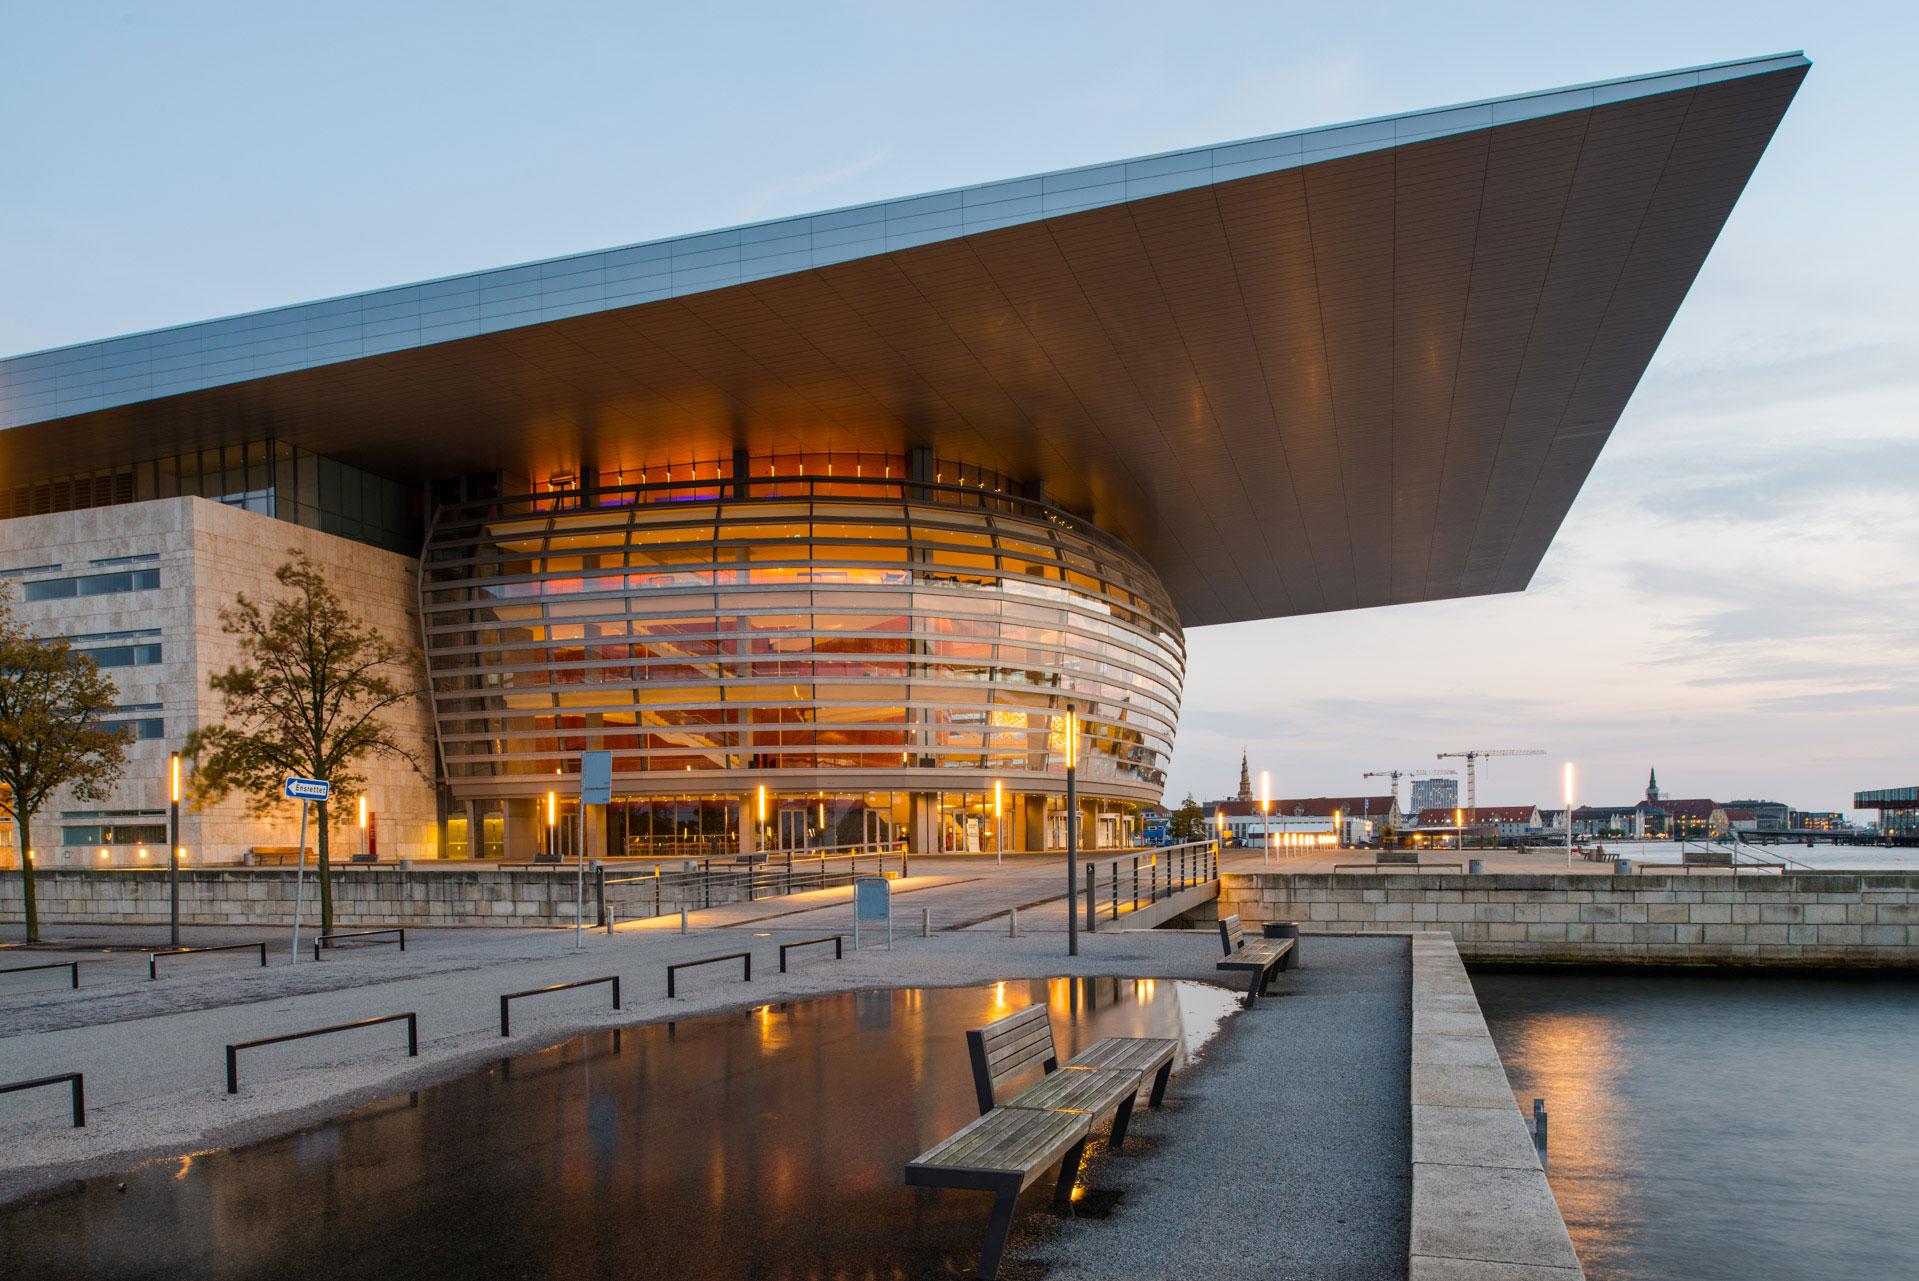 Die Dänische Nationaloper oder auch Königlich Dänische Oper genannt befindet sich in Kopenhagen auf der Insel Holmen